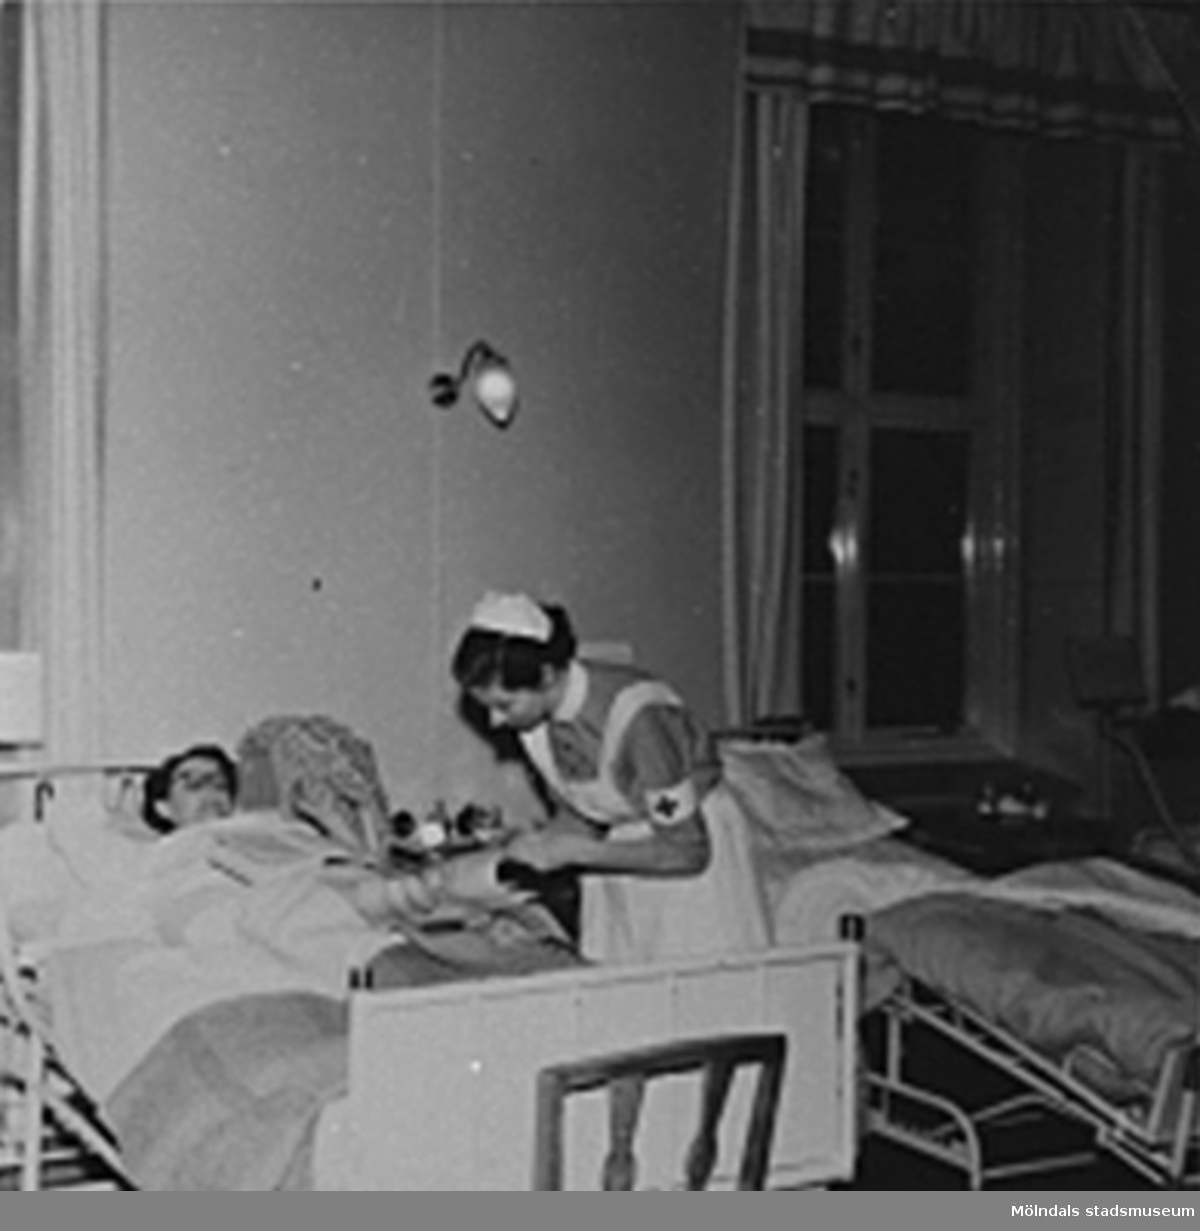 """En sköterska tar hand om en patient på Sabbatsbergs sjukhus i Stockholm, cirka 1958. Det var viktigt att ha uppkavlade ärmar vid beröring av patient.Vid 18 års ålder fick man börja på Svenska Röda Korsets sjuksköterskeutbildning. Då blev eleven antagen till 3 månaders provtjänstgöring den s.k """"plättperioden"""". Under denna tid användes en liten mössa till arbetsuniformen som man fick vid utbildningens början. Den lilla mössan avvek från den ordinarie mössan för att visa att eleven gick på prov. Efter provtjänstgöringen fick eleven veta om hon godkändes för vidare utbildning på 3,5år. Efter 2 års studier fick eleven bära den vita armbindeln och blev därmed undersköterska.Arbetsuniformen var skräddarsydd och bestod av en blå bomullsklänning, ett vitt förkläde som knäpptes i kors i linningen med särskilda manschettknappar och en vit mössa. Klänningens längd skulle vara ett visst antal centimeter ovanför golvet och förklädet skulle vara ett visst antal centrimeter ovanför den nedersta klänningsfållen. Man fick endast använda svarta strumpor och svarta skor eller bruna strumpor och bruna skor till klänningen.Till klänningen hörde också en vit krage till som fastsattes med knapp baktill och  med sjuksköterskebroschen framtill. Till klänningen fanns ett särskilt bälte som gjorde att förklädet inte skulle vika sig i midjan. På vänster ärm fastsattes den vita armbindeln som visade att det var en Röda Kors syster! Den vita mössan var enligt ett mönster särskilt för Röda Korsets sjuksköterskor (varje sjuksköterskeskola hade sin egna design av mössan). Endast nålar med pärlhuvud fick användas på mössan. På mössan fästes hakrosetten. Vid utomhusvistelse fick man bära den tillhörande svarta kappan. Den skulle vara längre än klänningen. Till kappan var man tvungen att använda svarta strumpor och svarta skor och sätta fast den vita armbindeln på vänster ärm. Man använde också en särskild mössa med hakband den s.k Kapotten. Det fanns också en tillhörande frack till uniformen som bara """